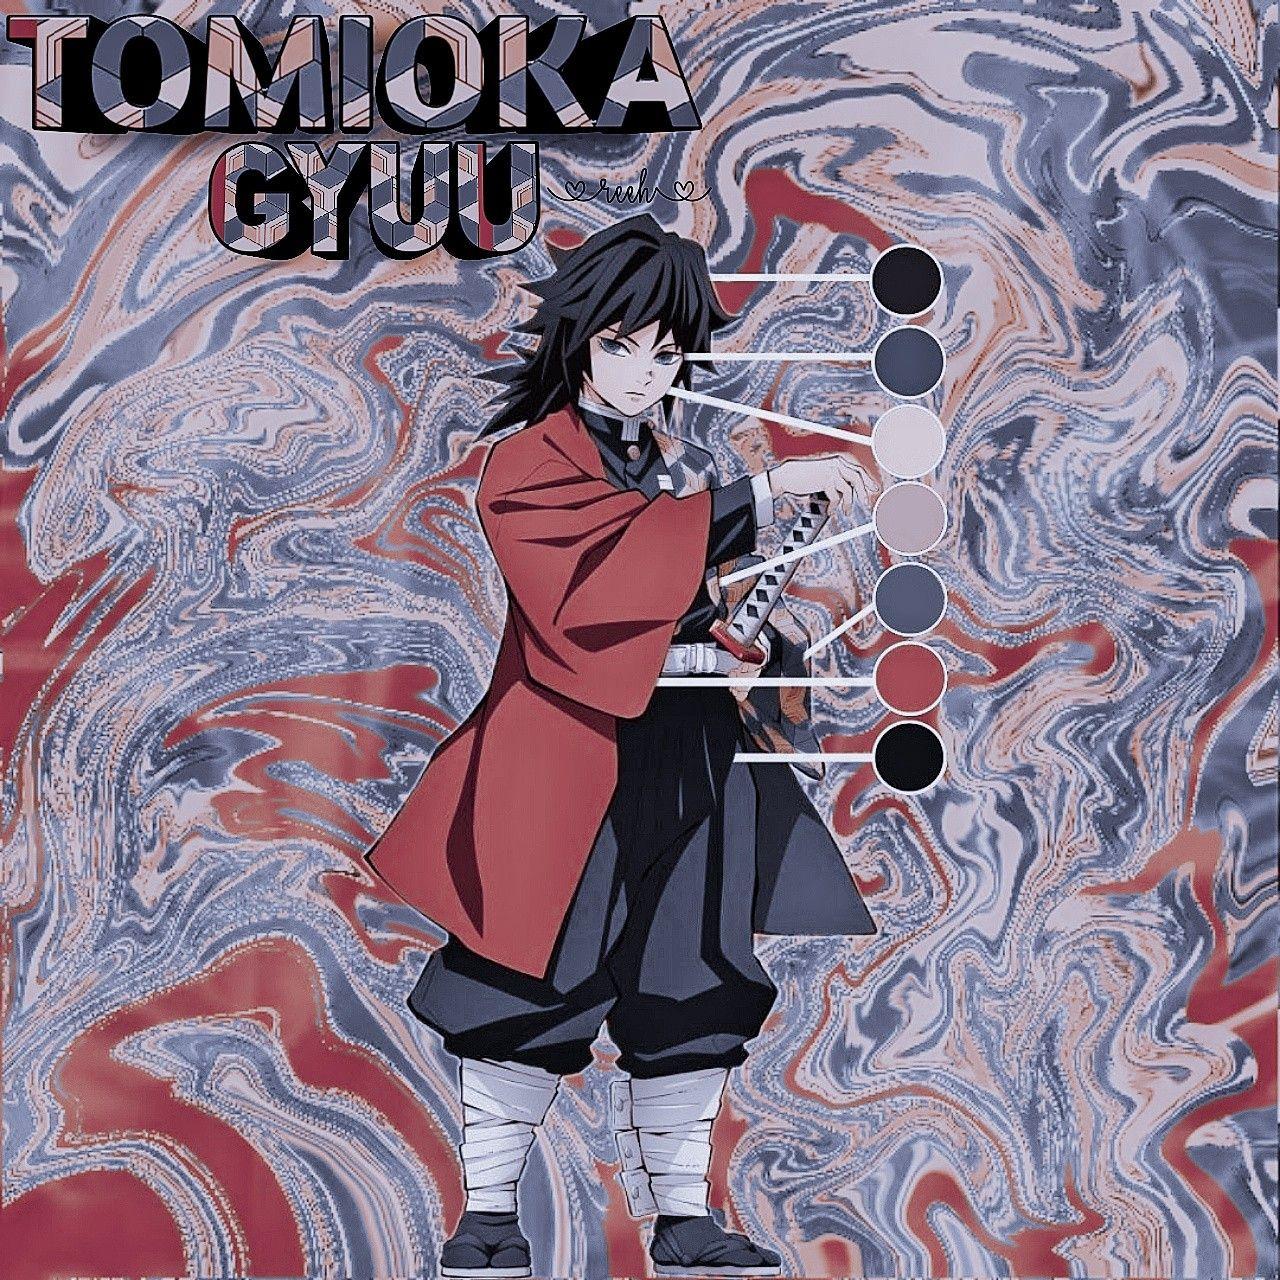 edit tomioka gyuu in 2020 Anime wallpaper, Anime, Iphone